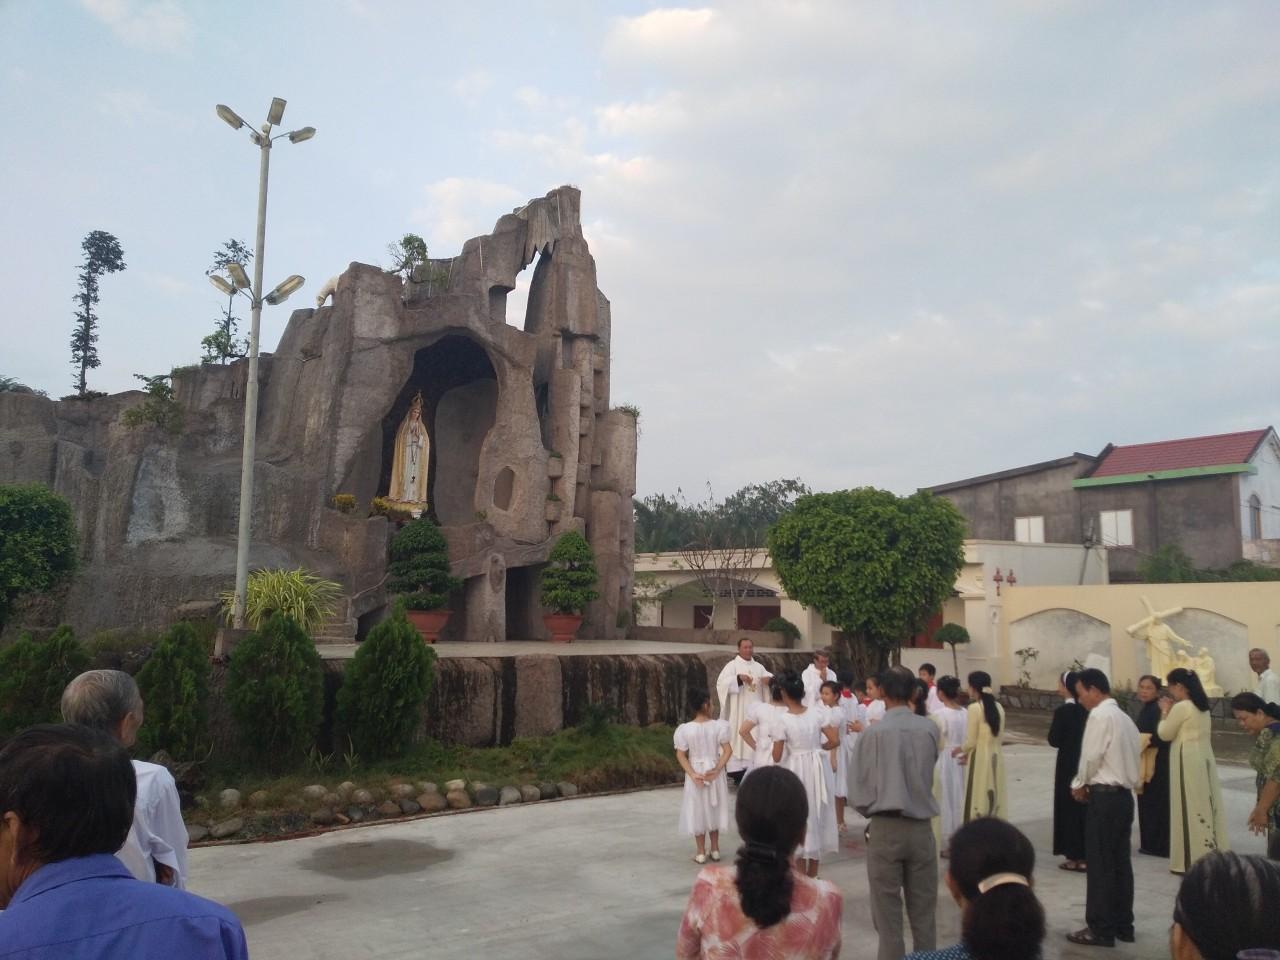 Họ đạo Cái Tắc : Làm phép núi Đức Mẹ - Chặng đàng Thánh Giá, khánh thành nhà mục vụ - Nhà Giáo Lý